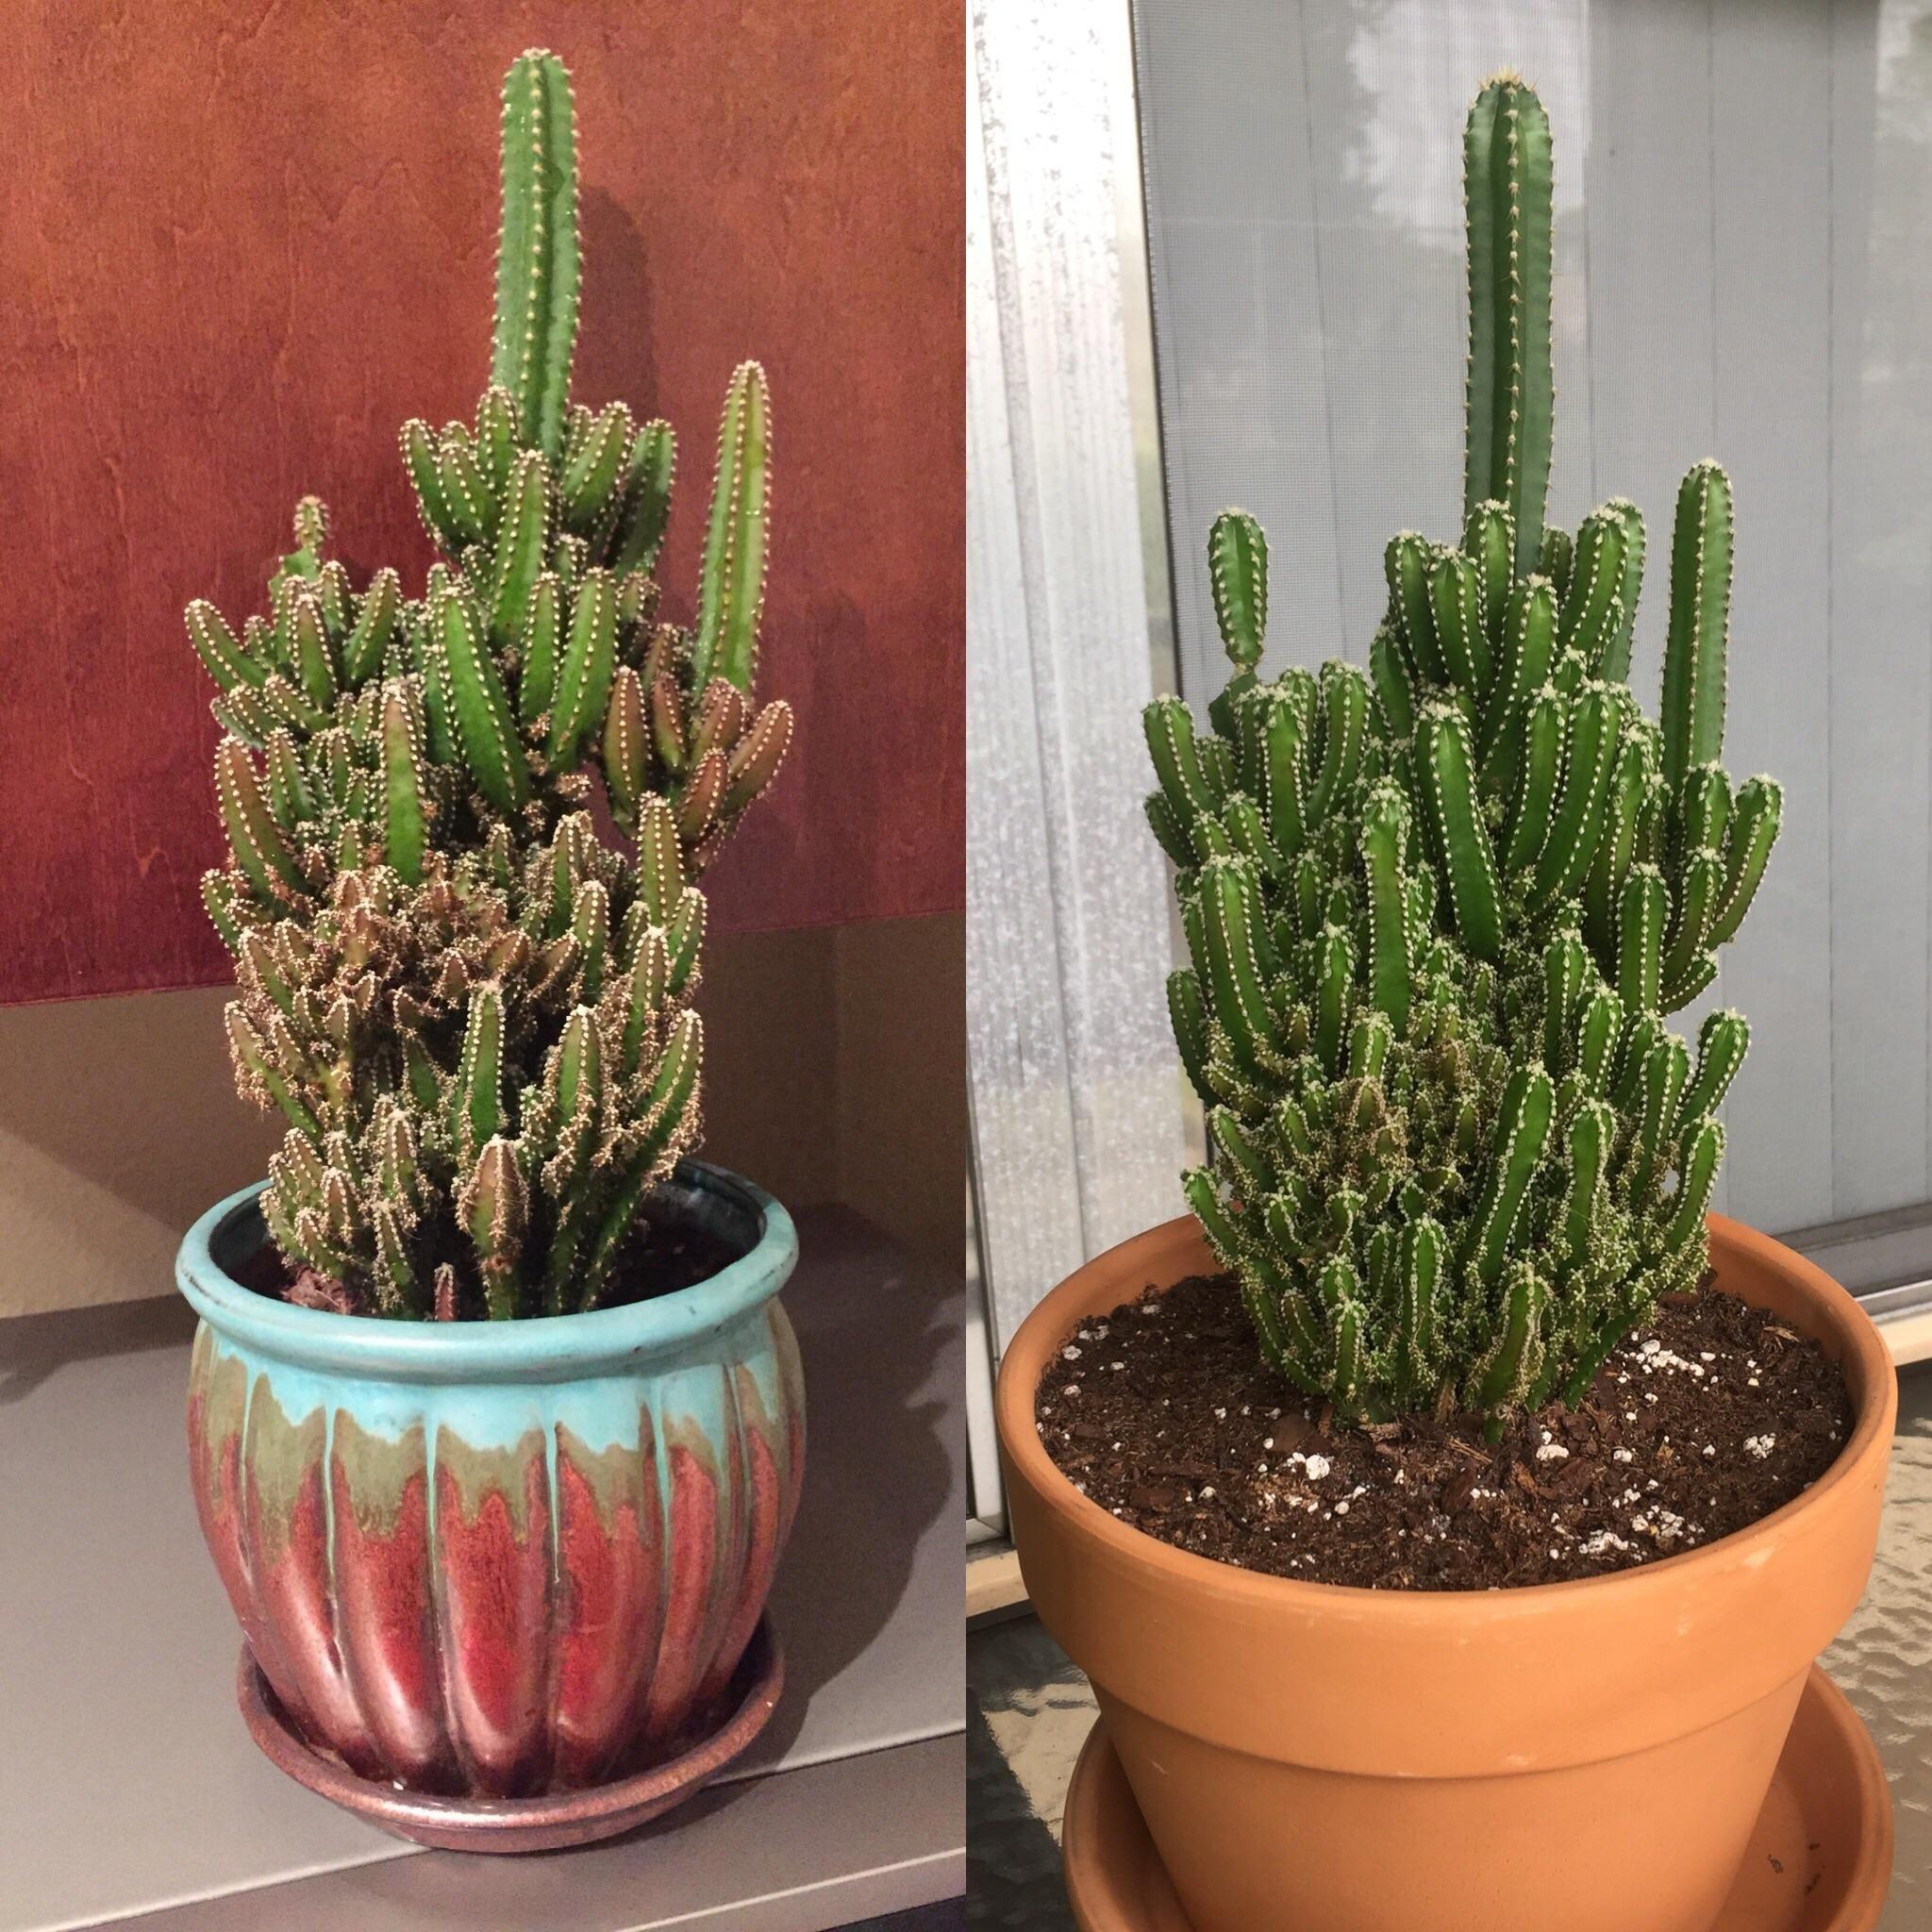 Bigger Pot For My Fairy Castle Fairy Castle Cactus Planting Flowers Fairy Castle